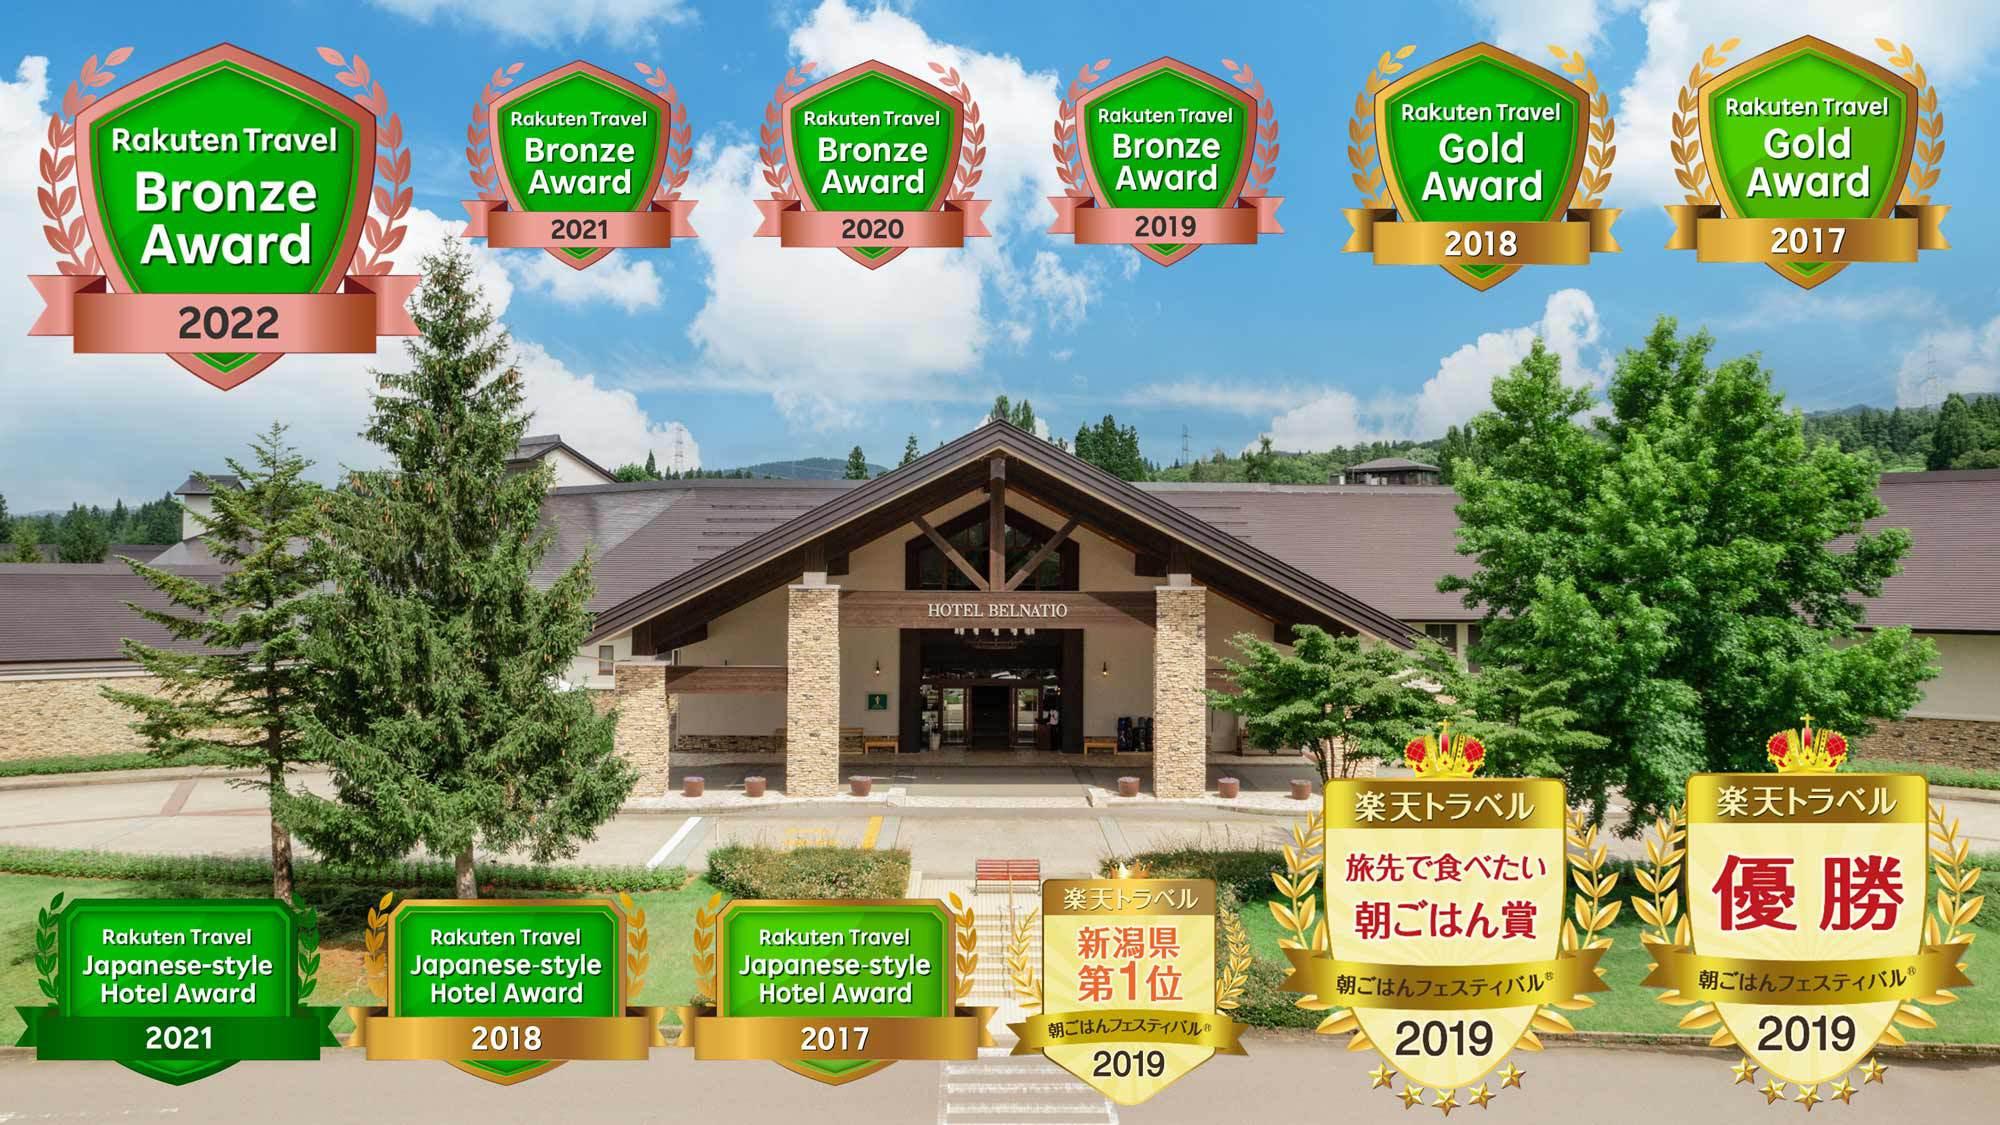 あてま温泉 当間高原リゾート ホテルベルナティオ